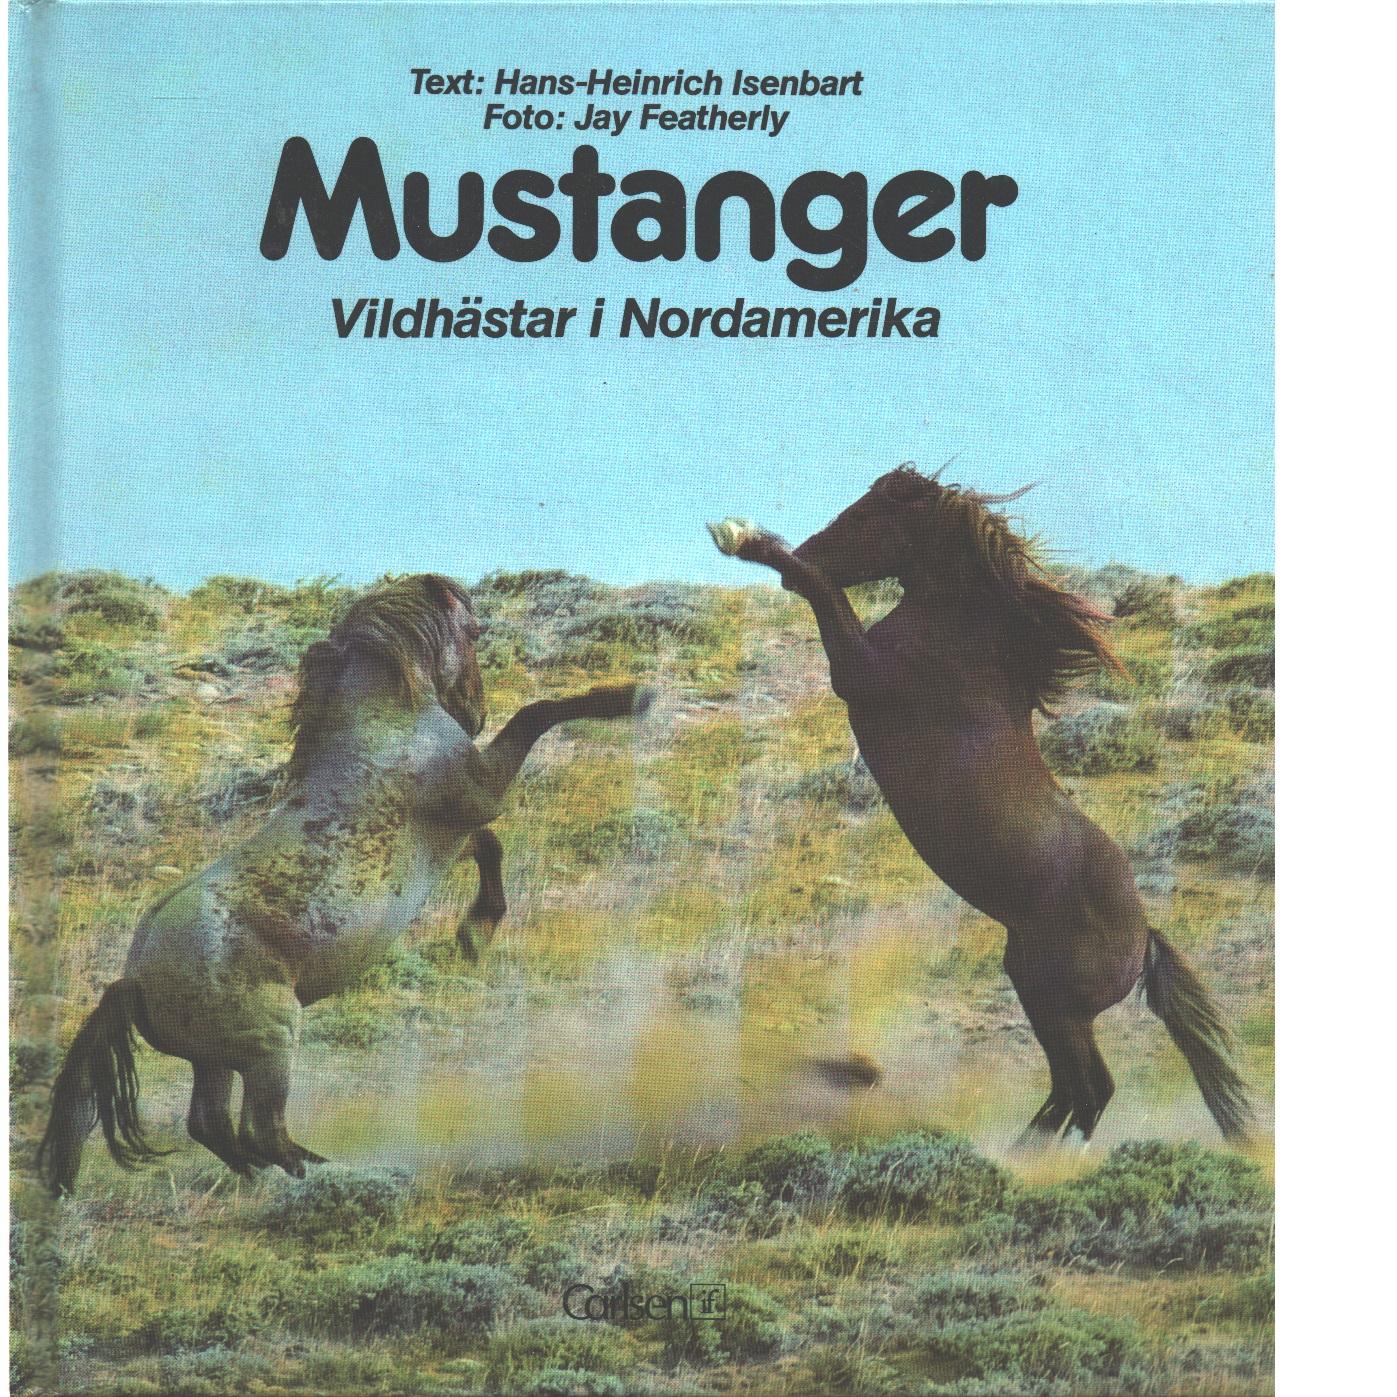 Mustanger : vildhästar i Nordamerika - Isenbart, Hans-Heinrich  och Featherly, Jay